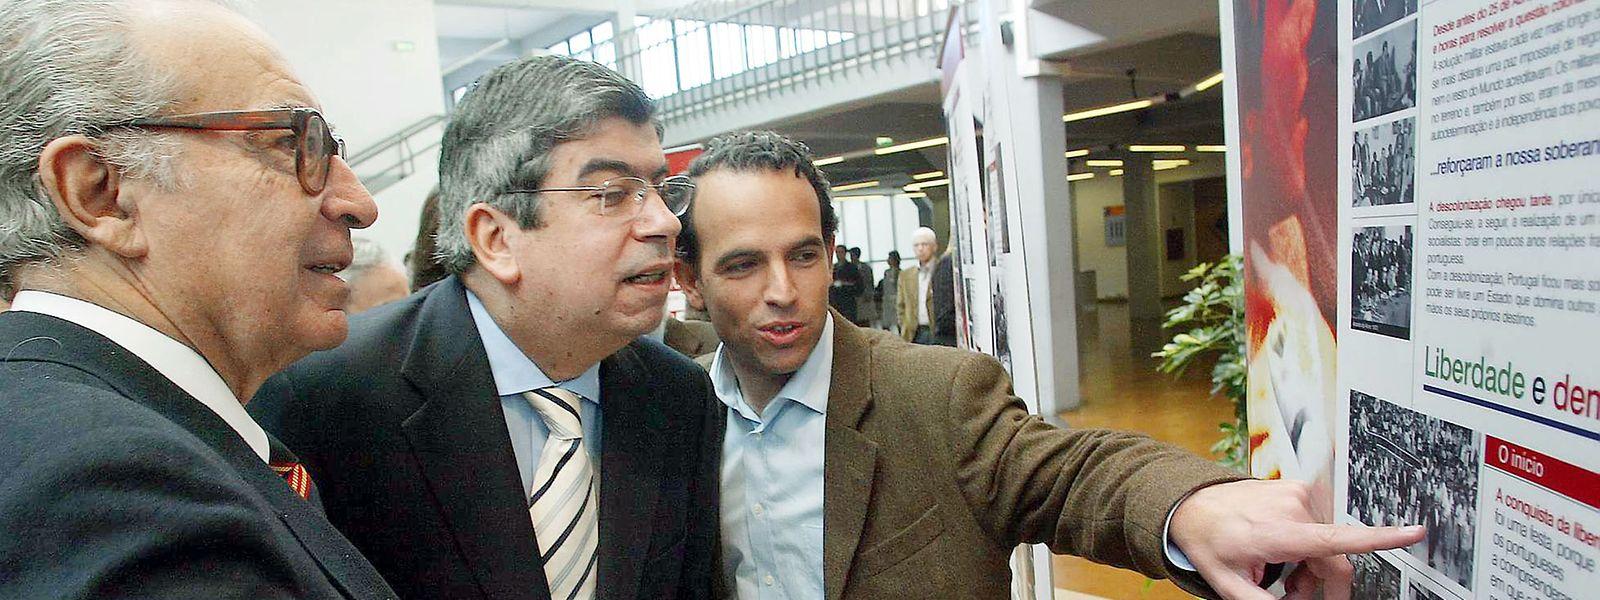 Pedro Adão e Silva (à direita) com Ferro Rodrigues (centro) e Almeida Santos na Convenção do Partido Socialista em fevereiro de 2004.